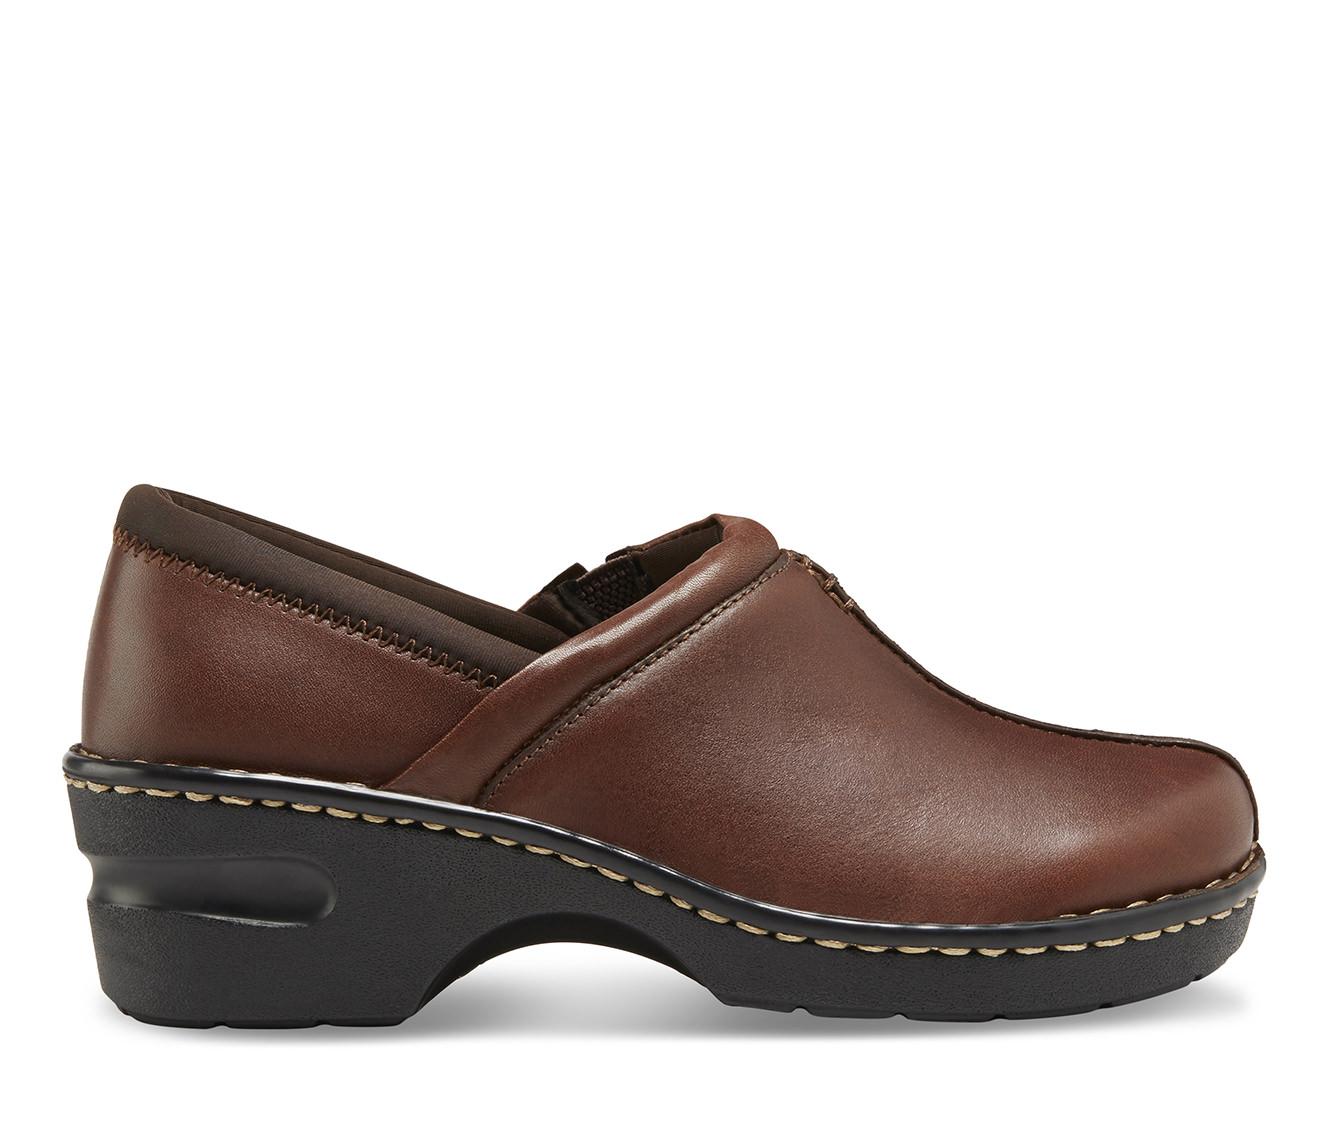 Eastland Kelsey Women's Shoe (Brown Leather)